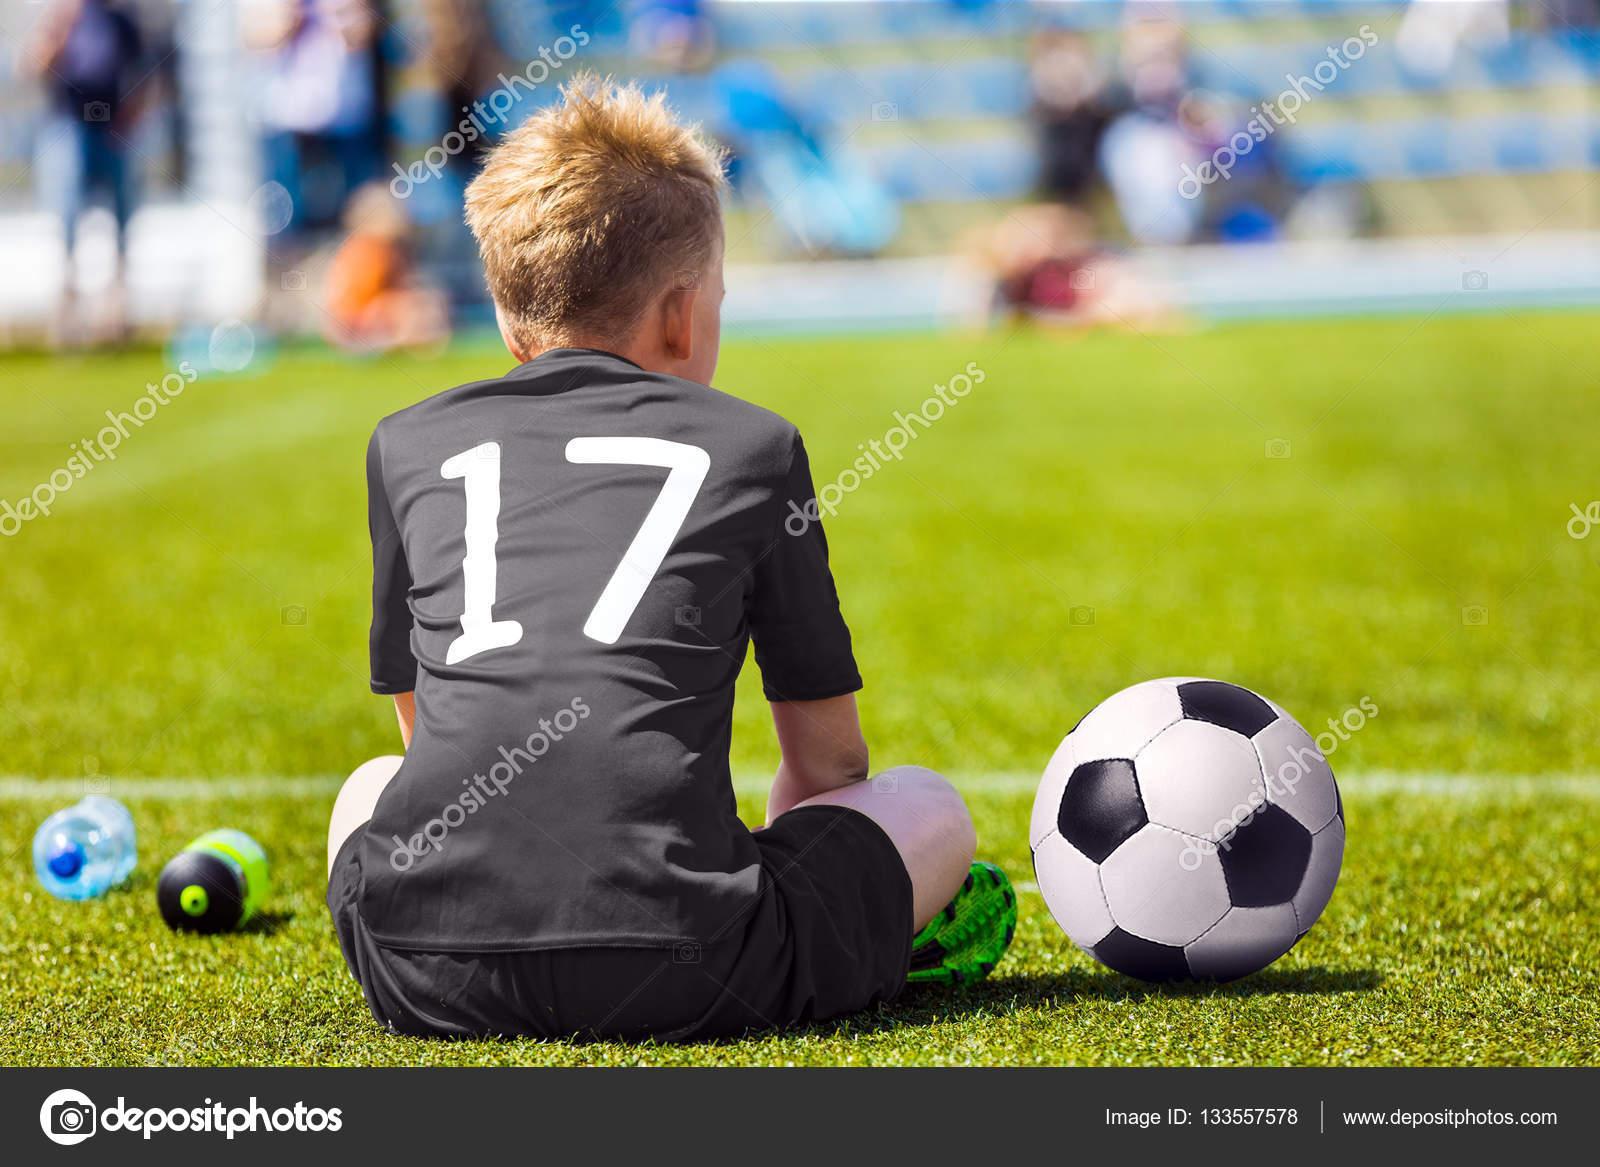 c919ae1b354f6 Criança no sportswear preto com bola de futebol. Menino sentado no campo de  futebol.